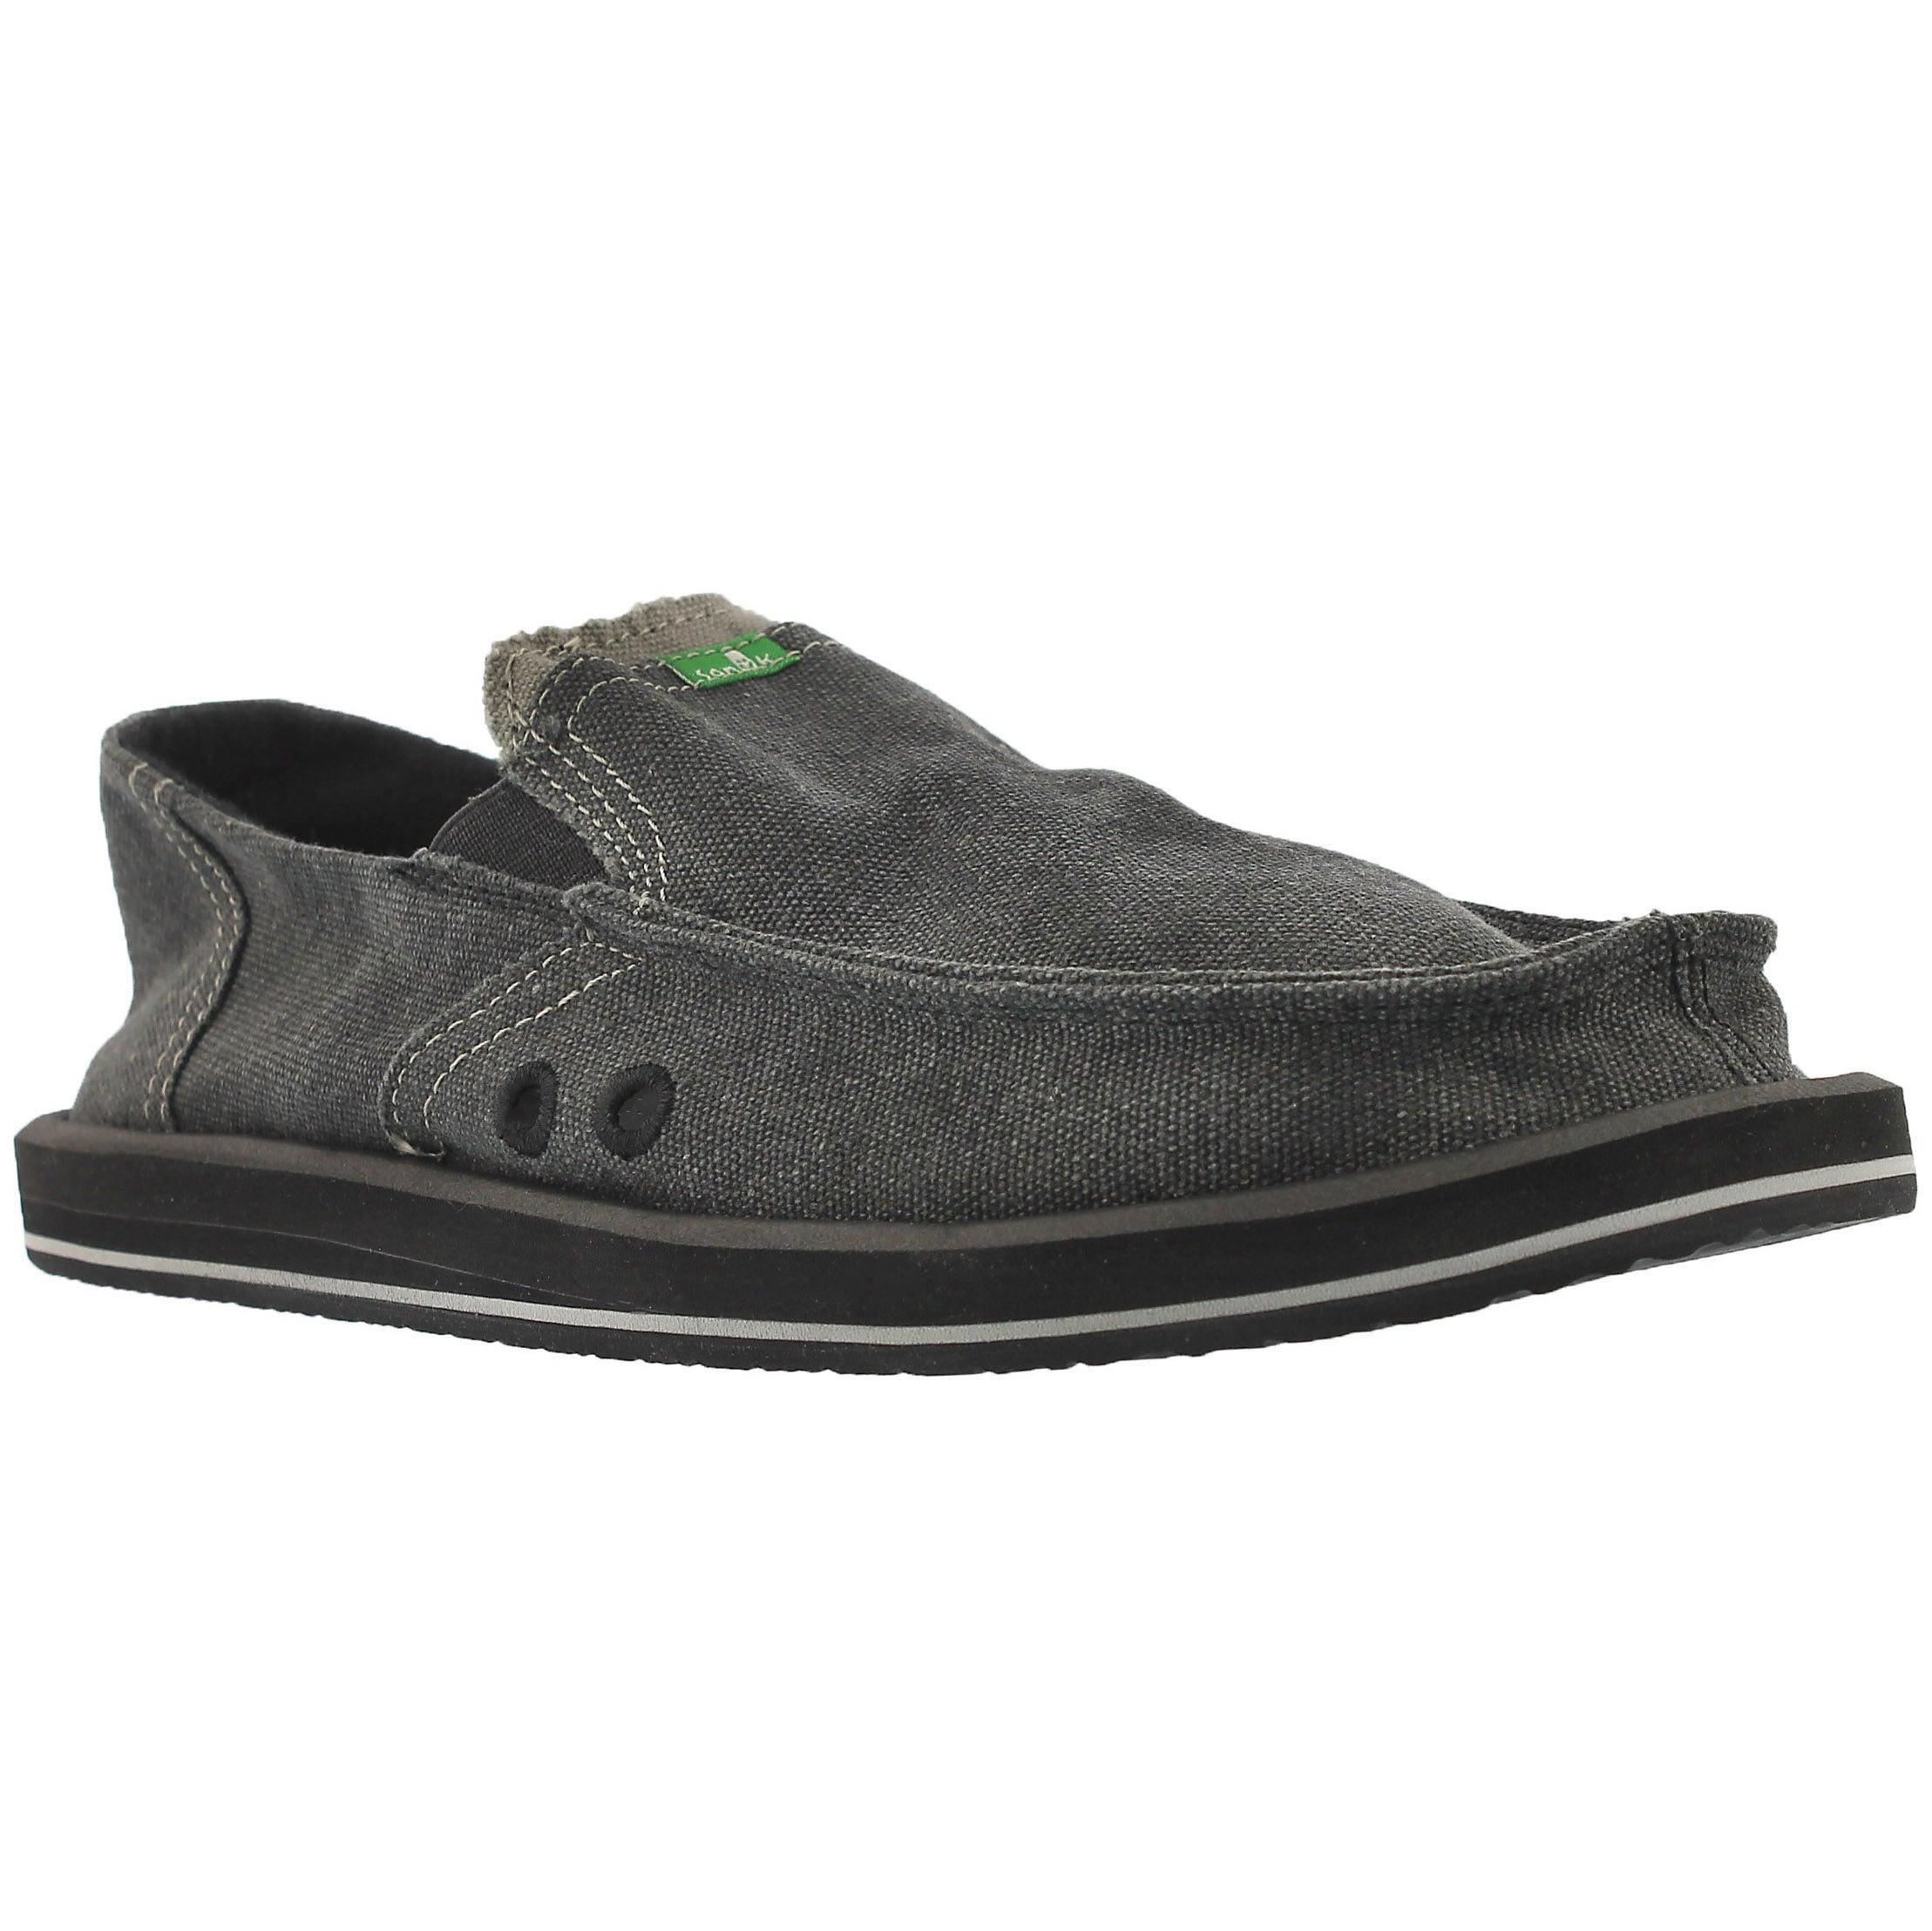 Men's PICK POCKET charcoal slip-on shoes